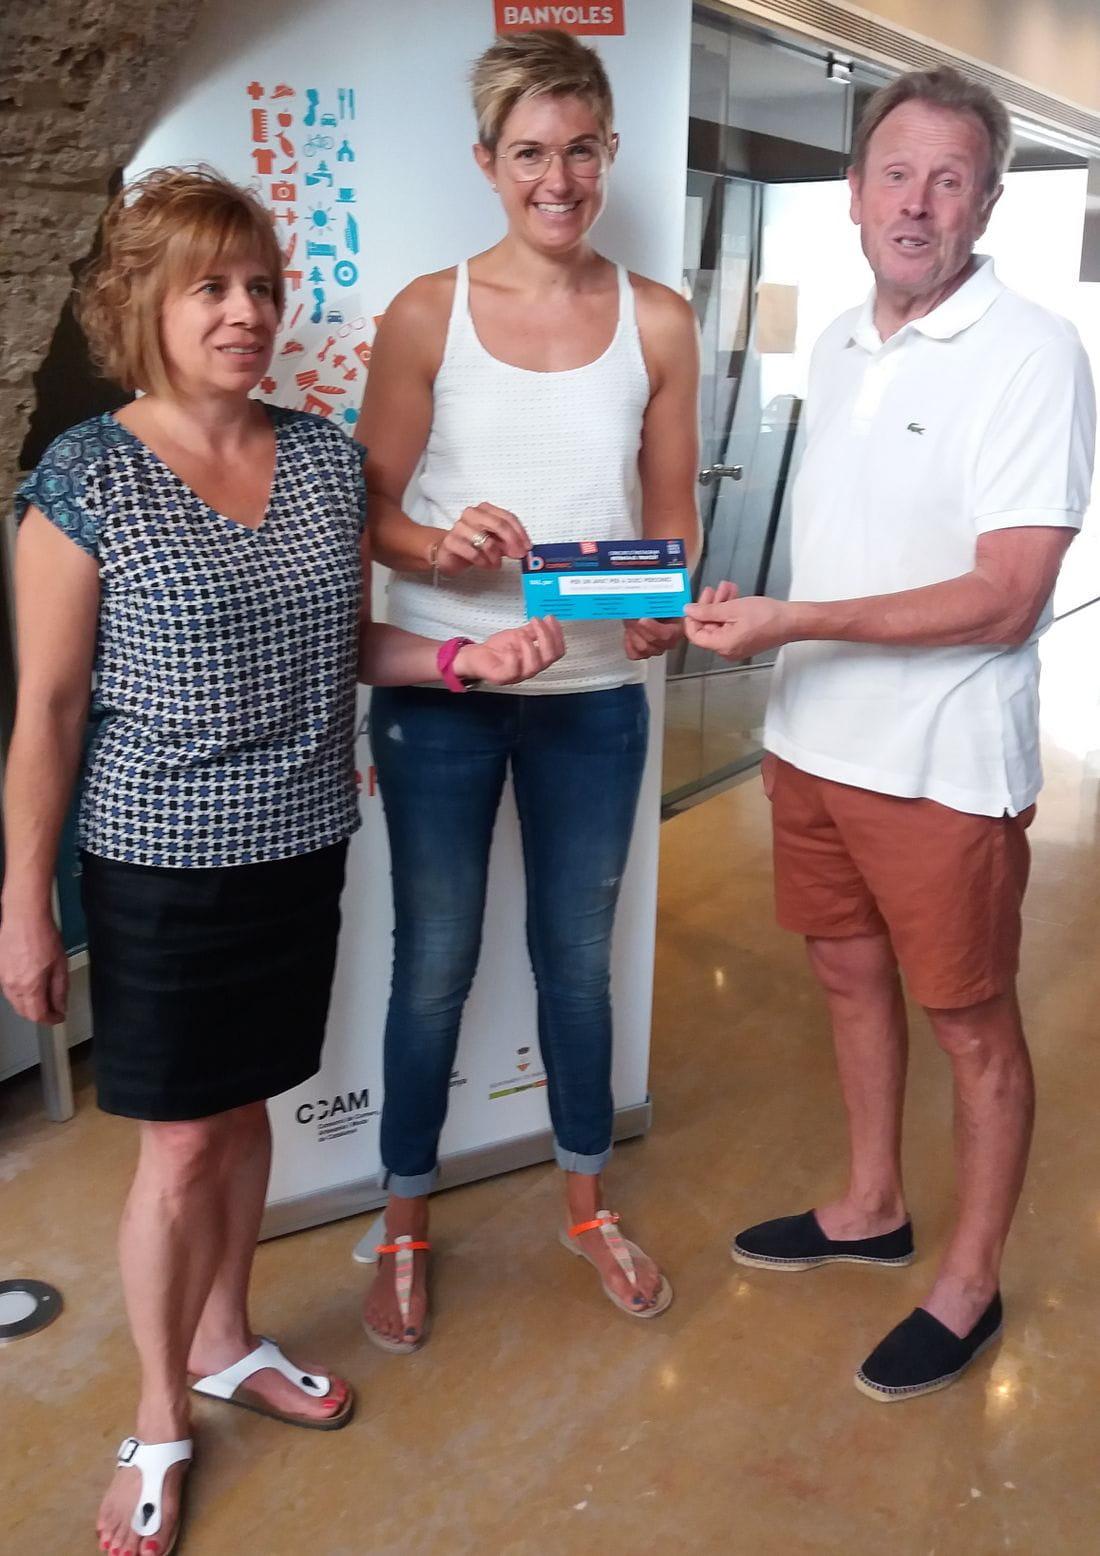 Entrega del premi a la guanyadora, Carla Quera